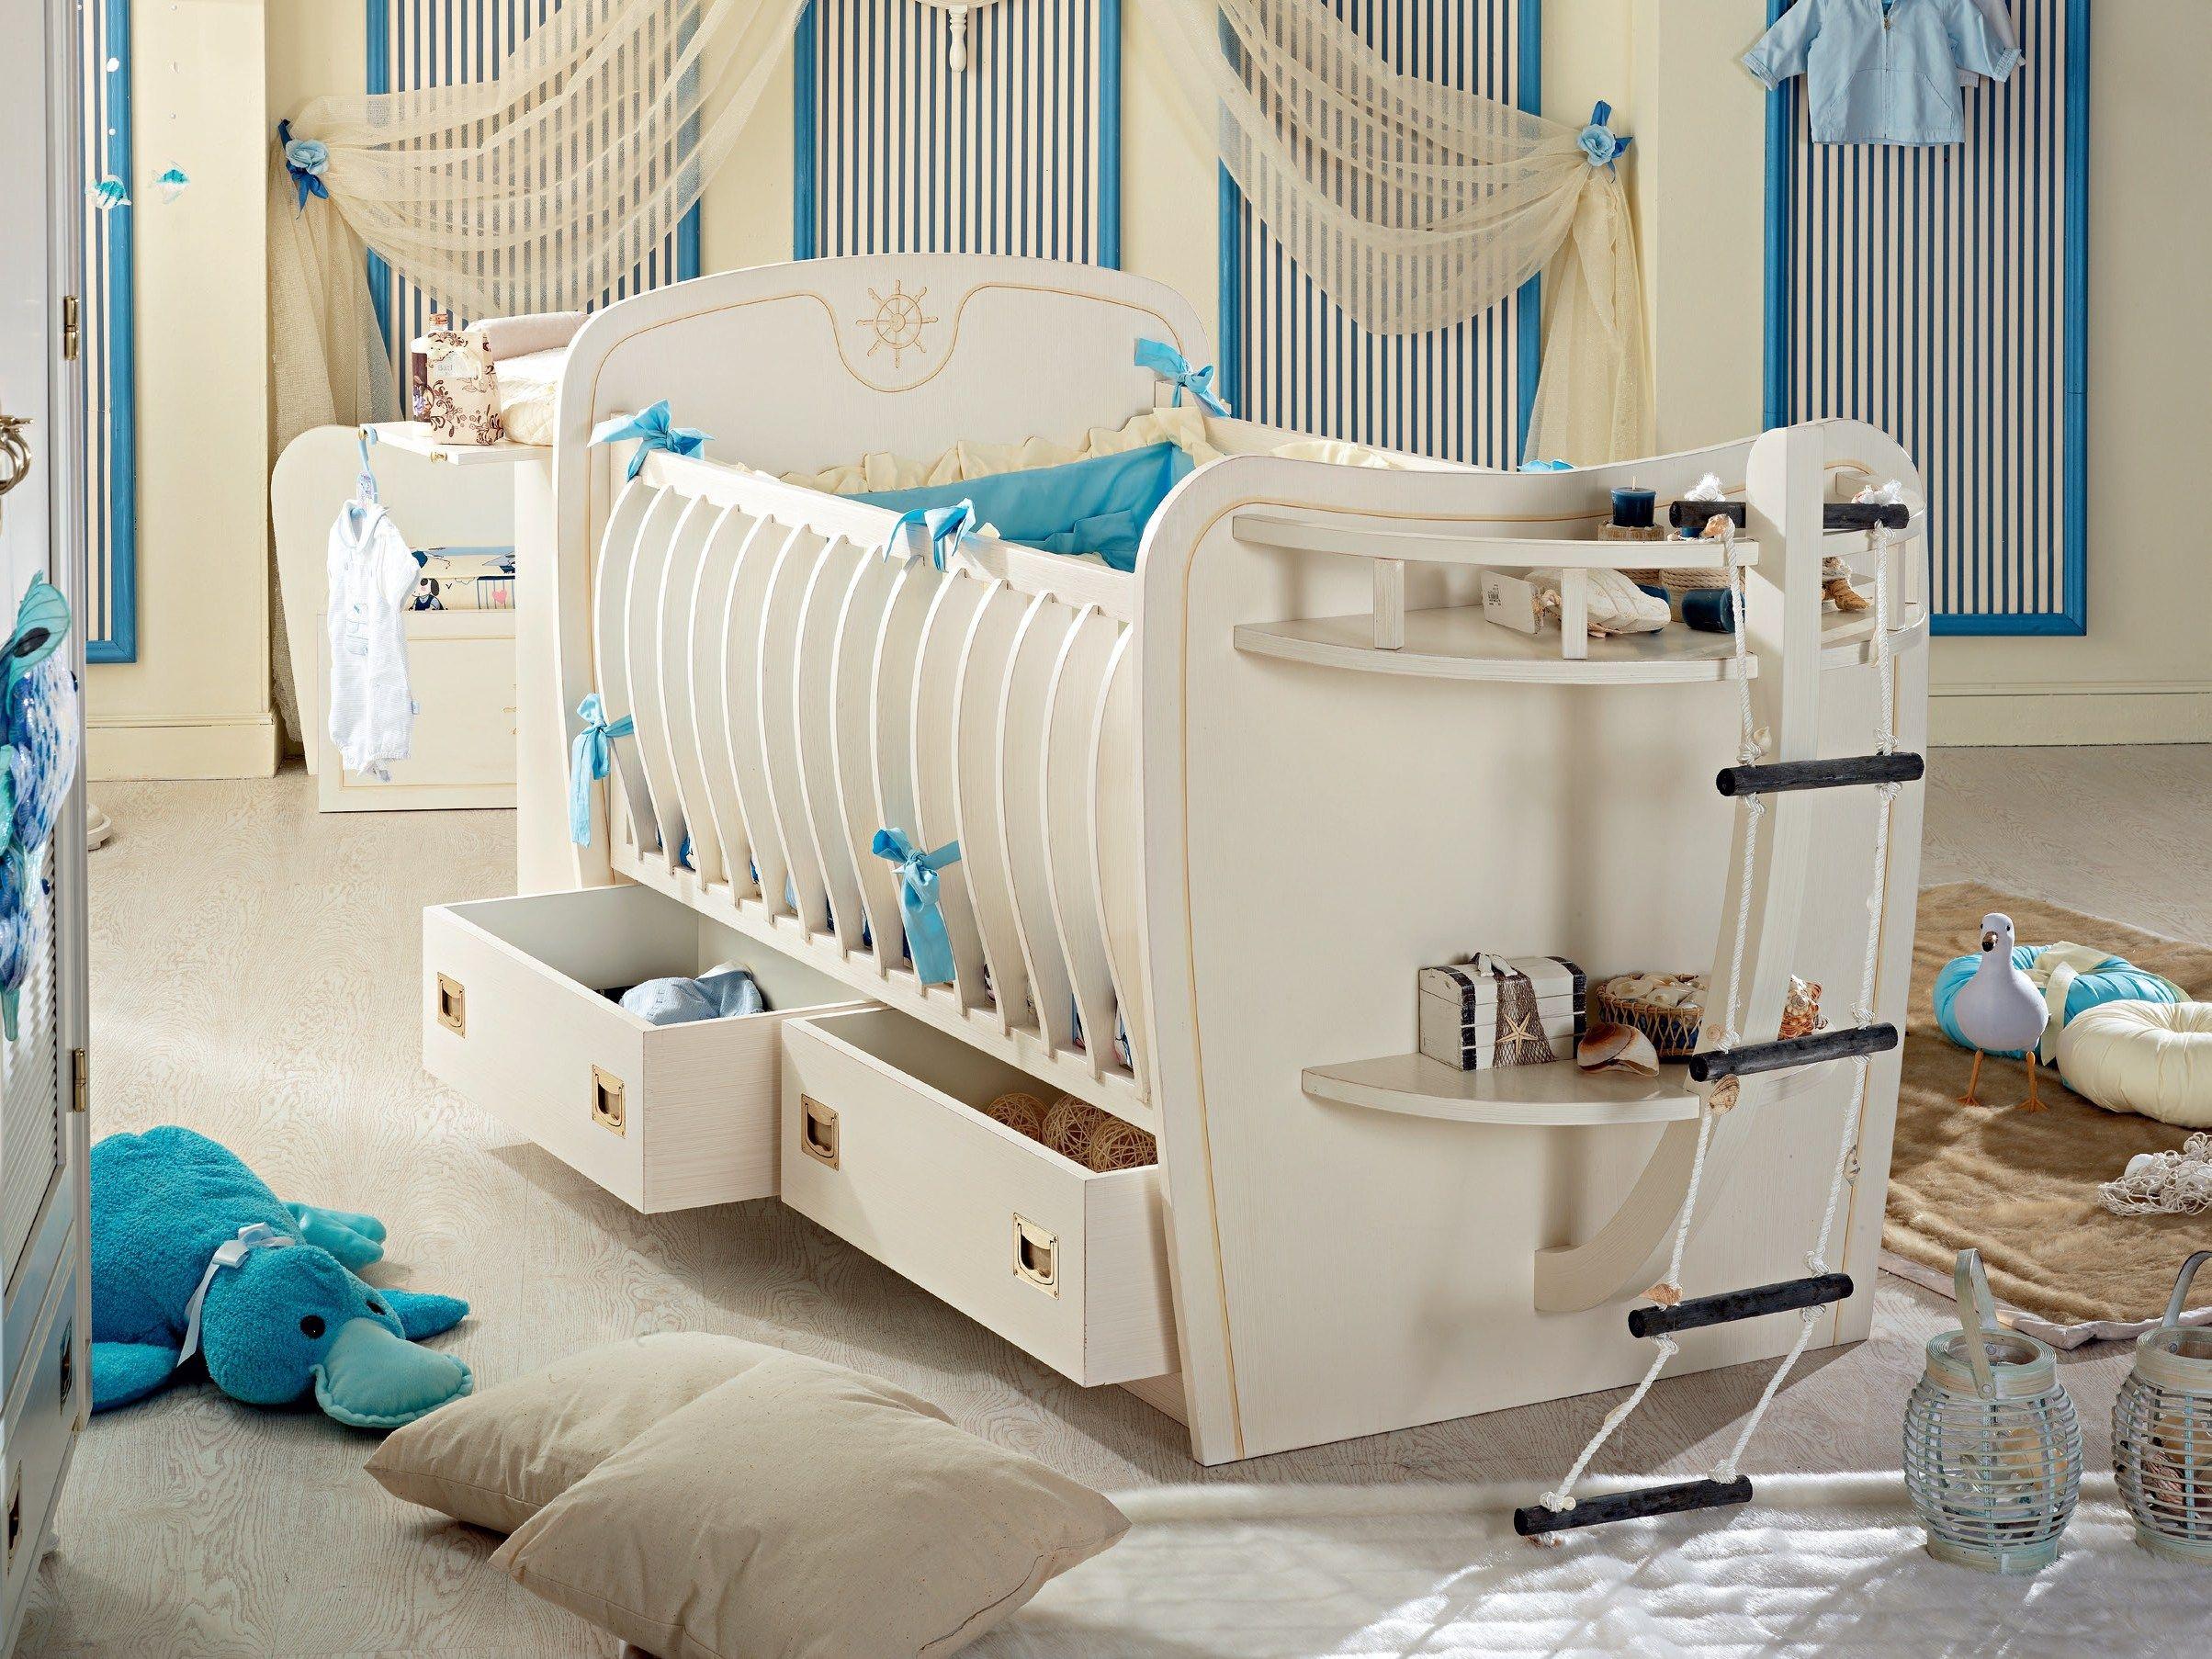 Camerette complete neonati armadio per bambini decorato a - Camerette complete neonati ...